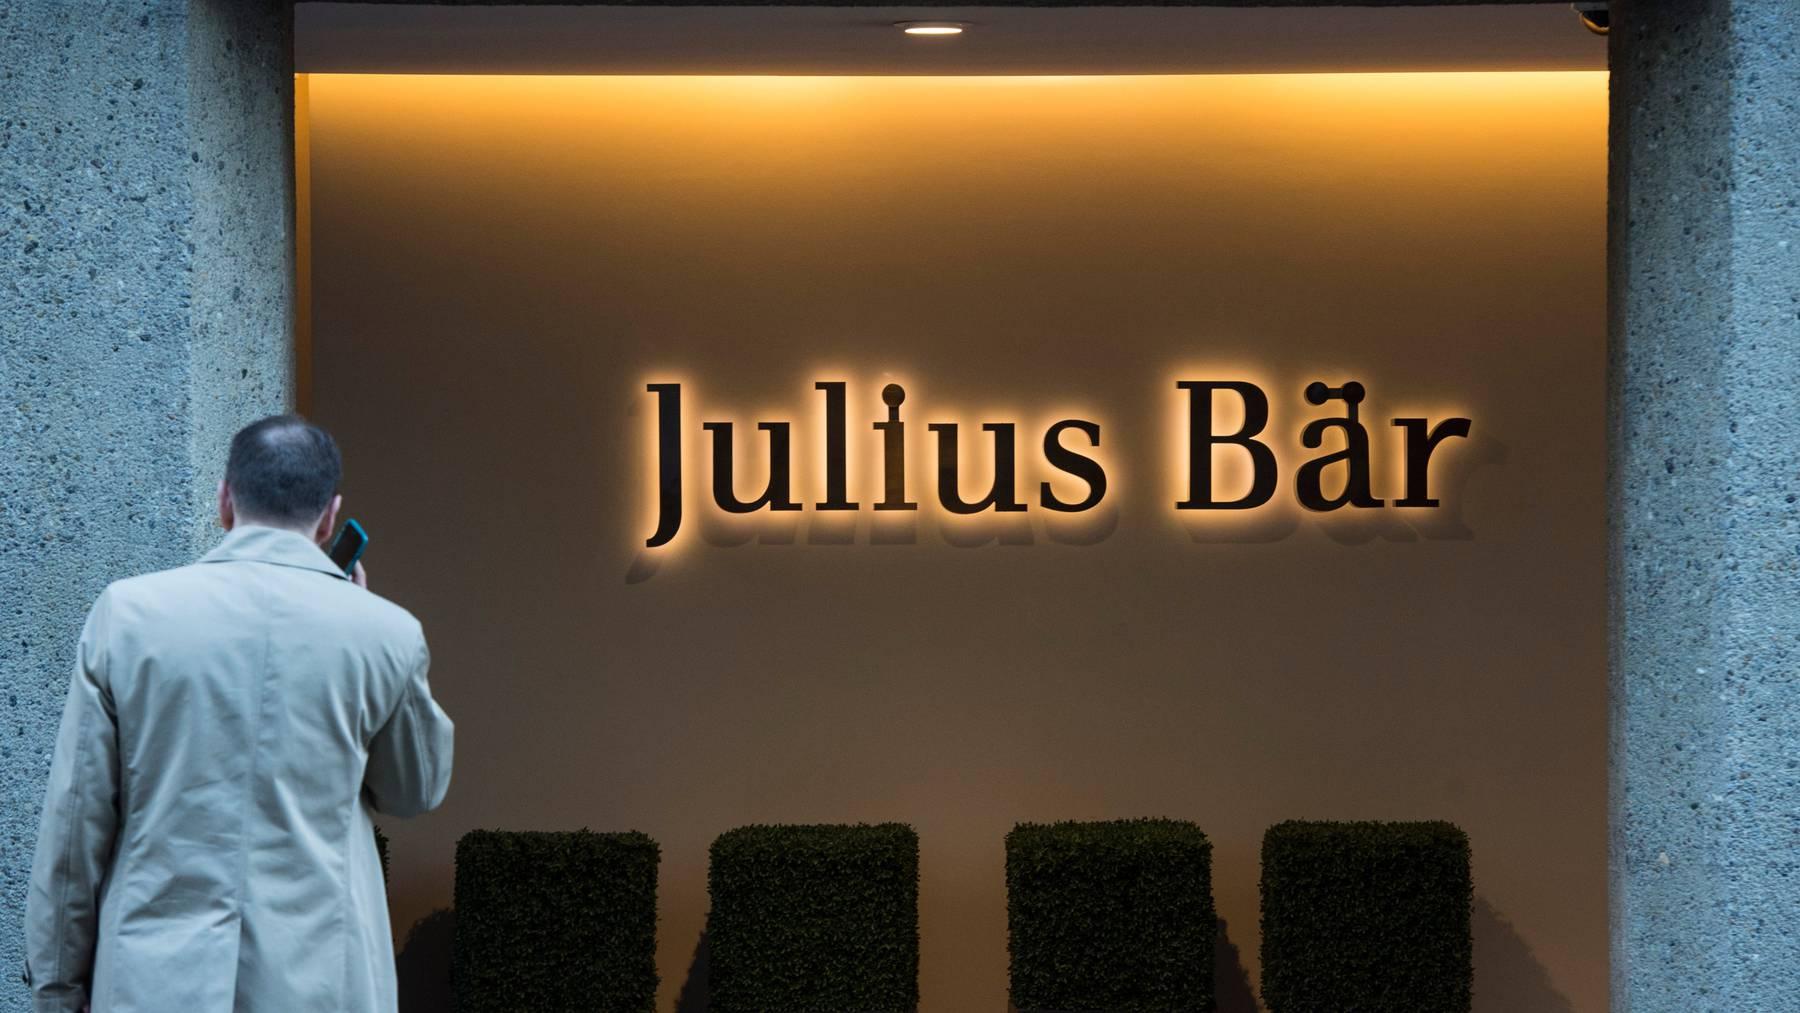 Die Bank Julius Bär profitierte im dritten Quartal von einem Anstieg der Kundentätigkeit, verlor aber in Italien weiterhin Geld. (Symbolbild)